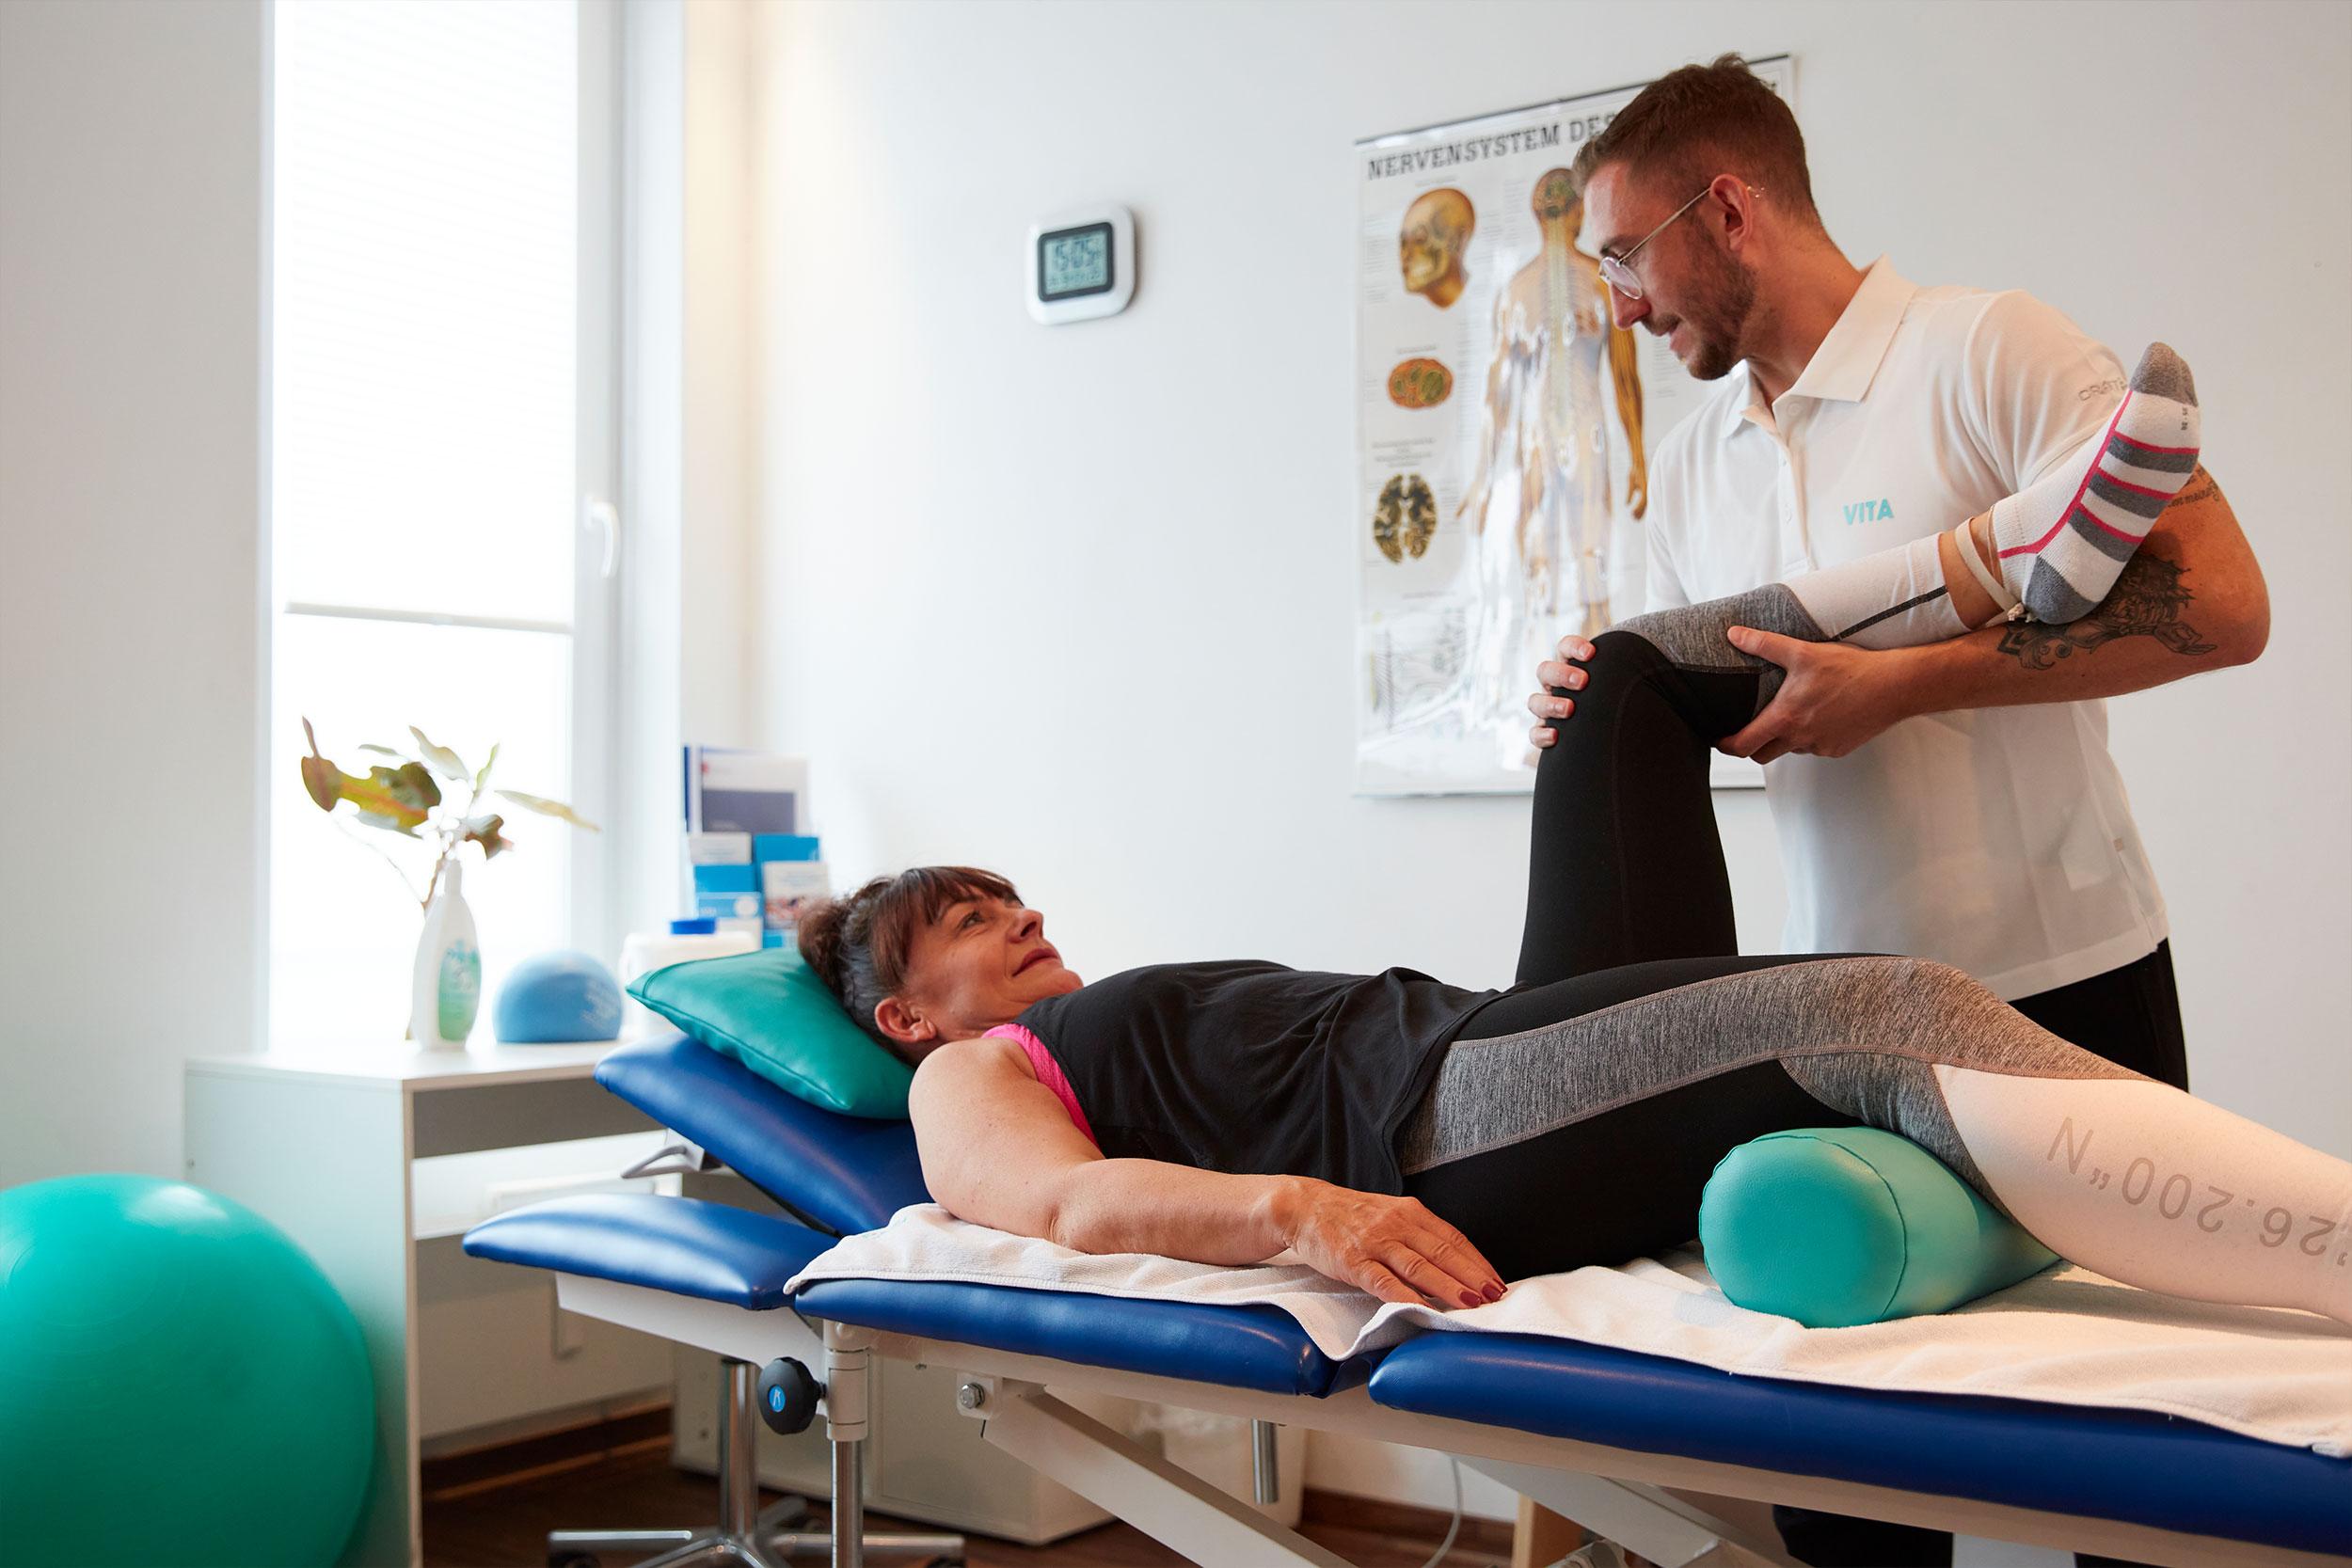 Bild zeigt eine physiotherapeutische Behandlung. Zu sehen ist ein Behandlungsraum, eine Physiotherapeut und eine Patientin.